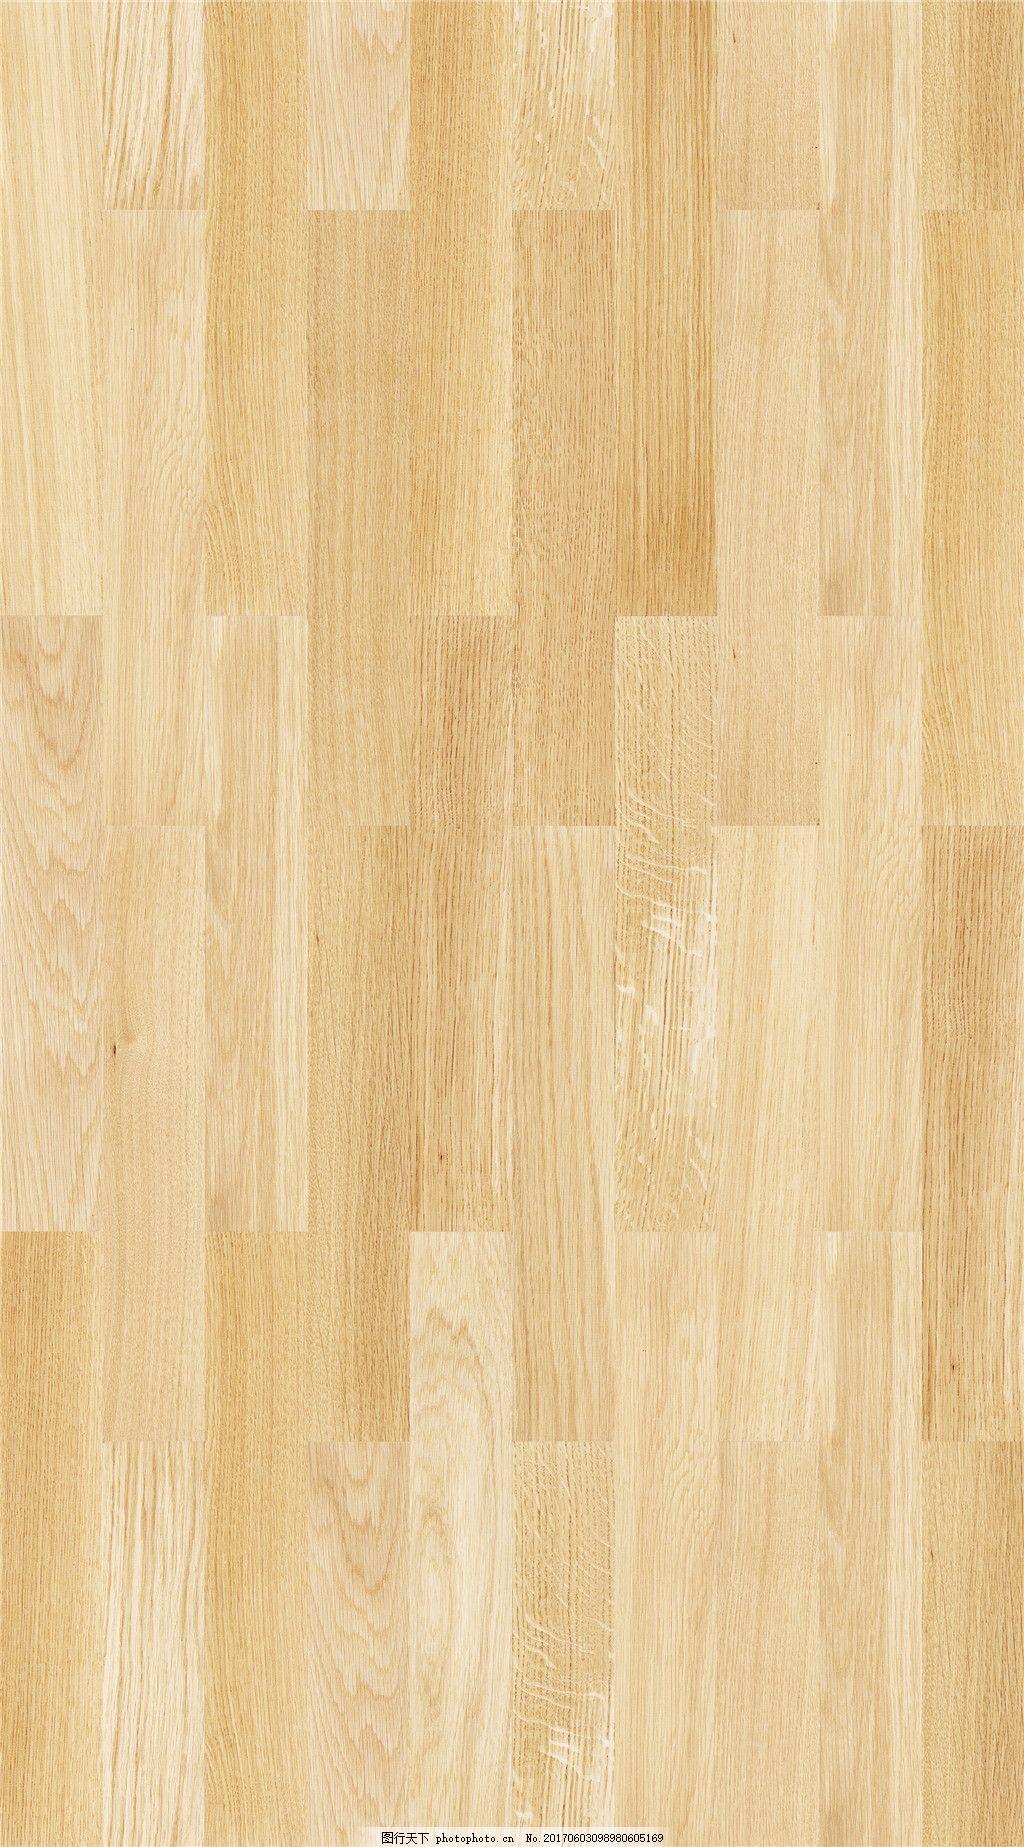 浅色拼接木纹贴图 背景素材 高清木纹 木地板 堆叠木纹 高清木纹图片